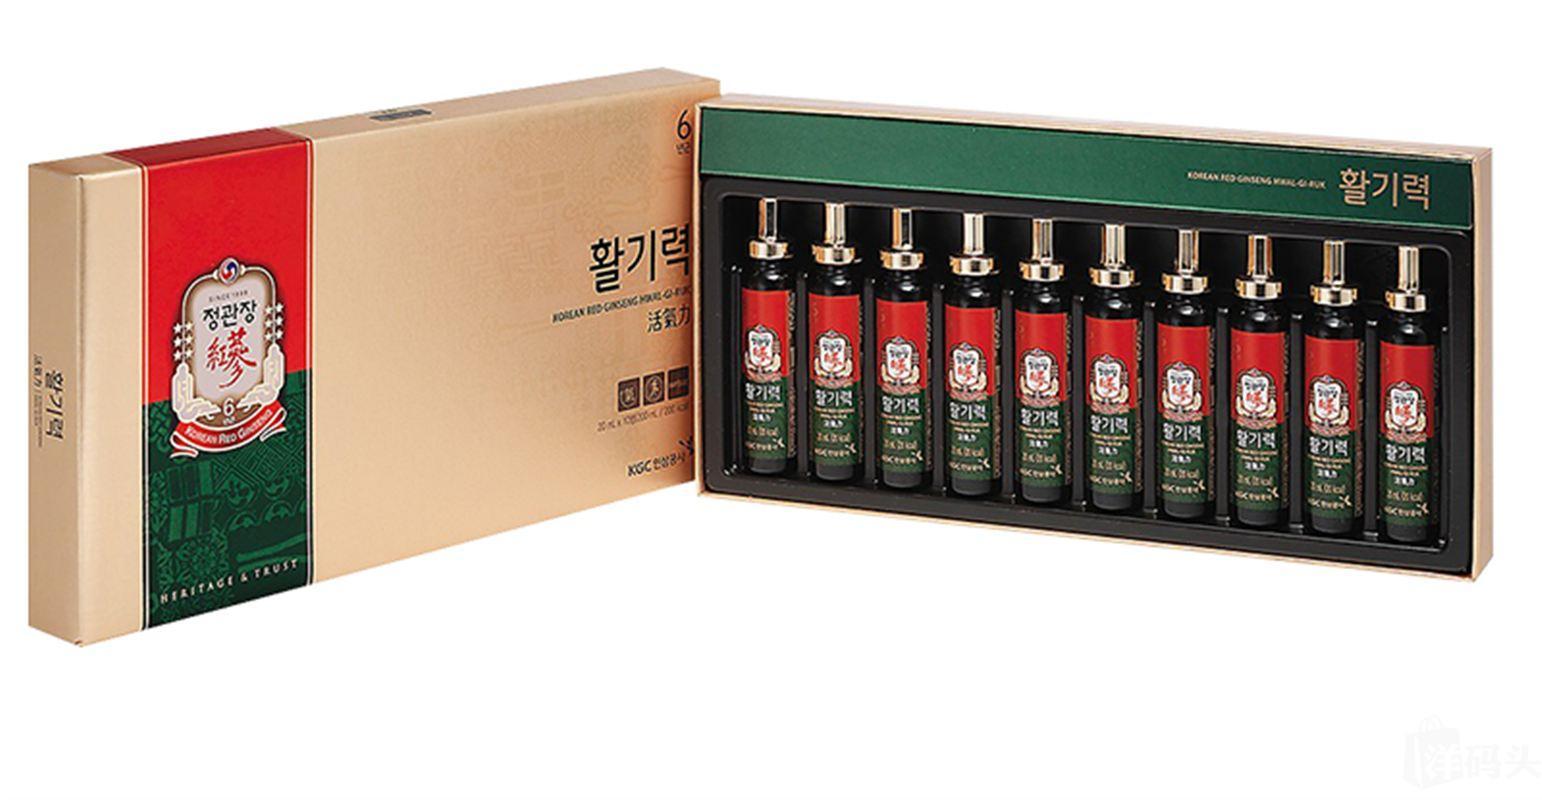 Nước hồng sâm KGC hộp 10 ống 1